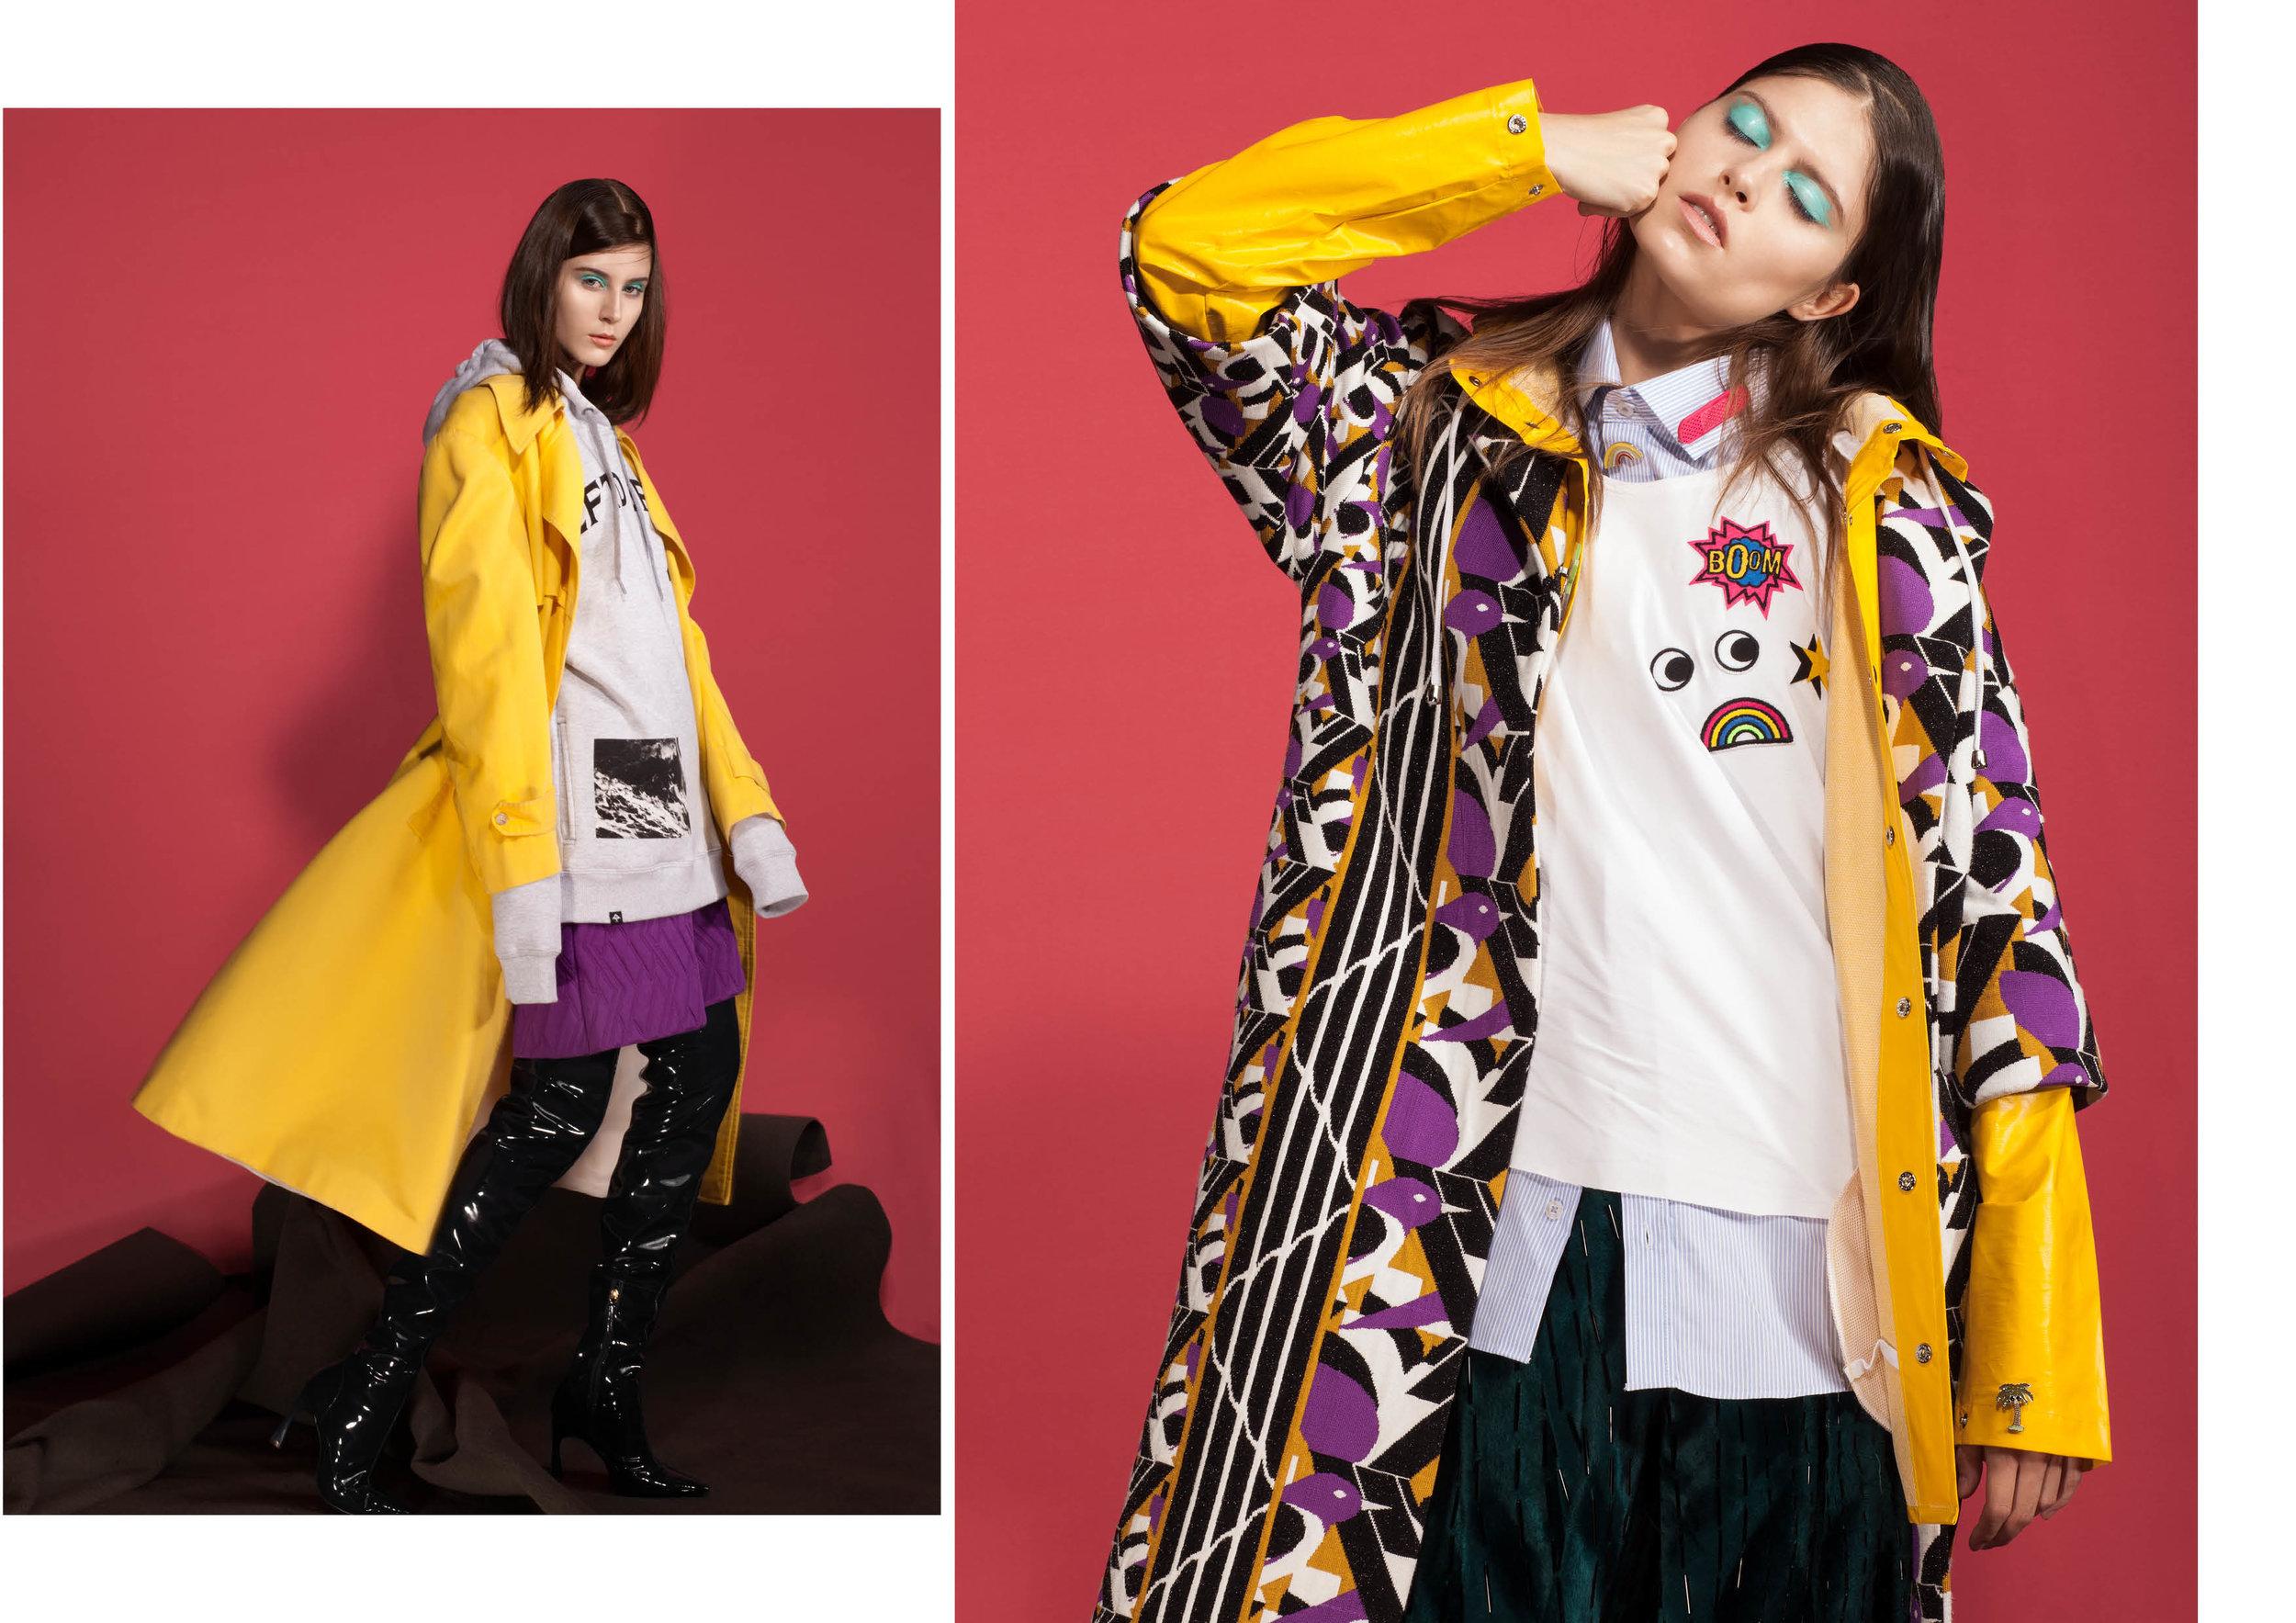 Esquerda: Capa de chuva amarela Cotton Project;Bermuda de tricot GIG; Bota de verniz Tufi Duek;   Moleton LRG.     Direita:  Casaco de tricot GIG;camiseta de algodão Riachuelo;Camisa de algodão Aramis;Calça de veludo bordado Apto 03;Pins de metal ZARA;Pin de Band-aid Vida Bela.